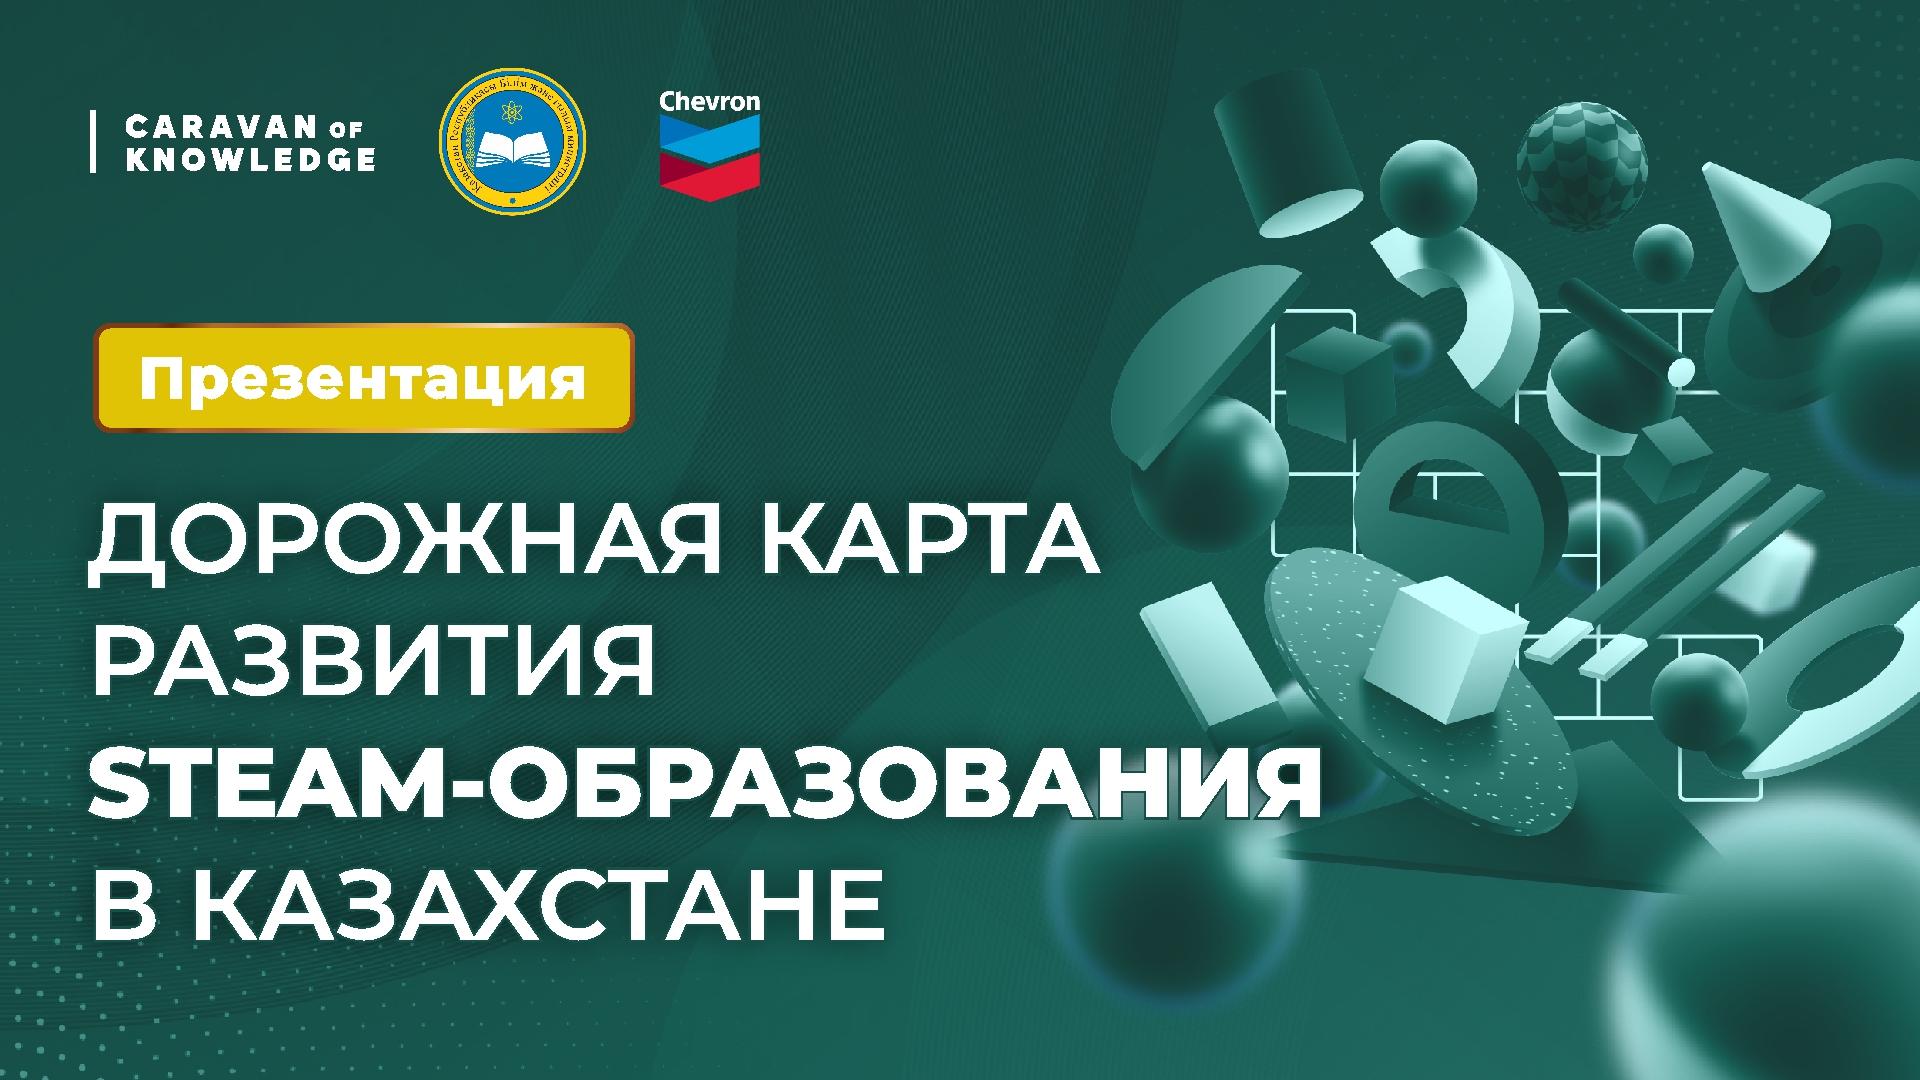 Дорожная карта развития STEAM образования в Казахстане